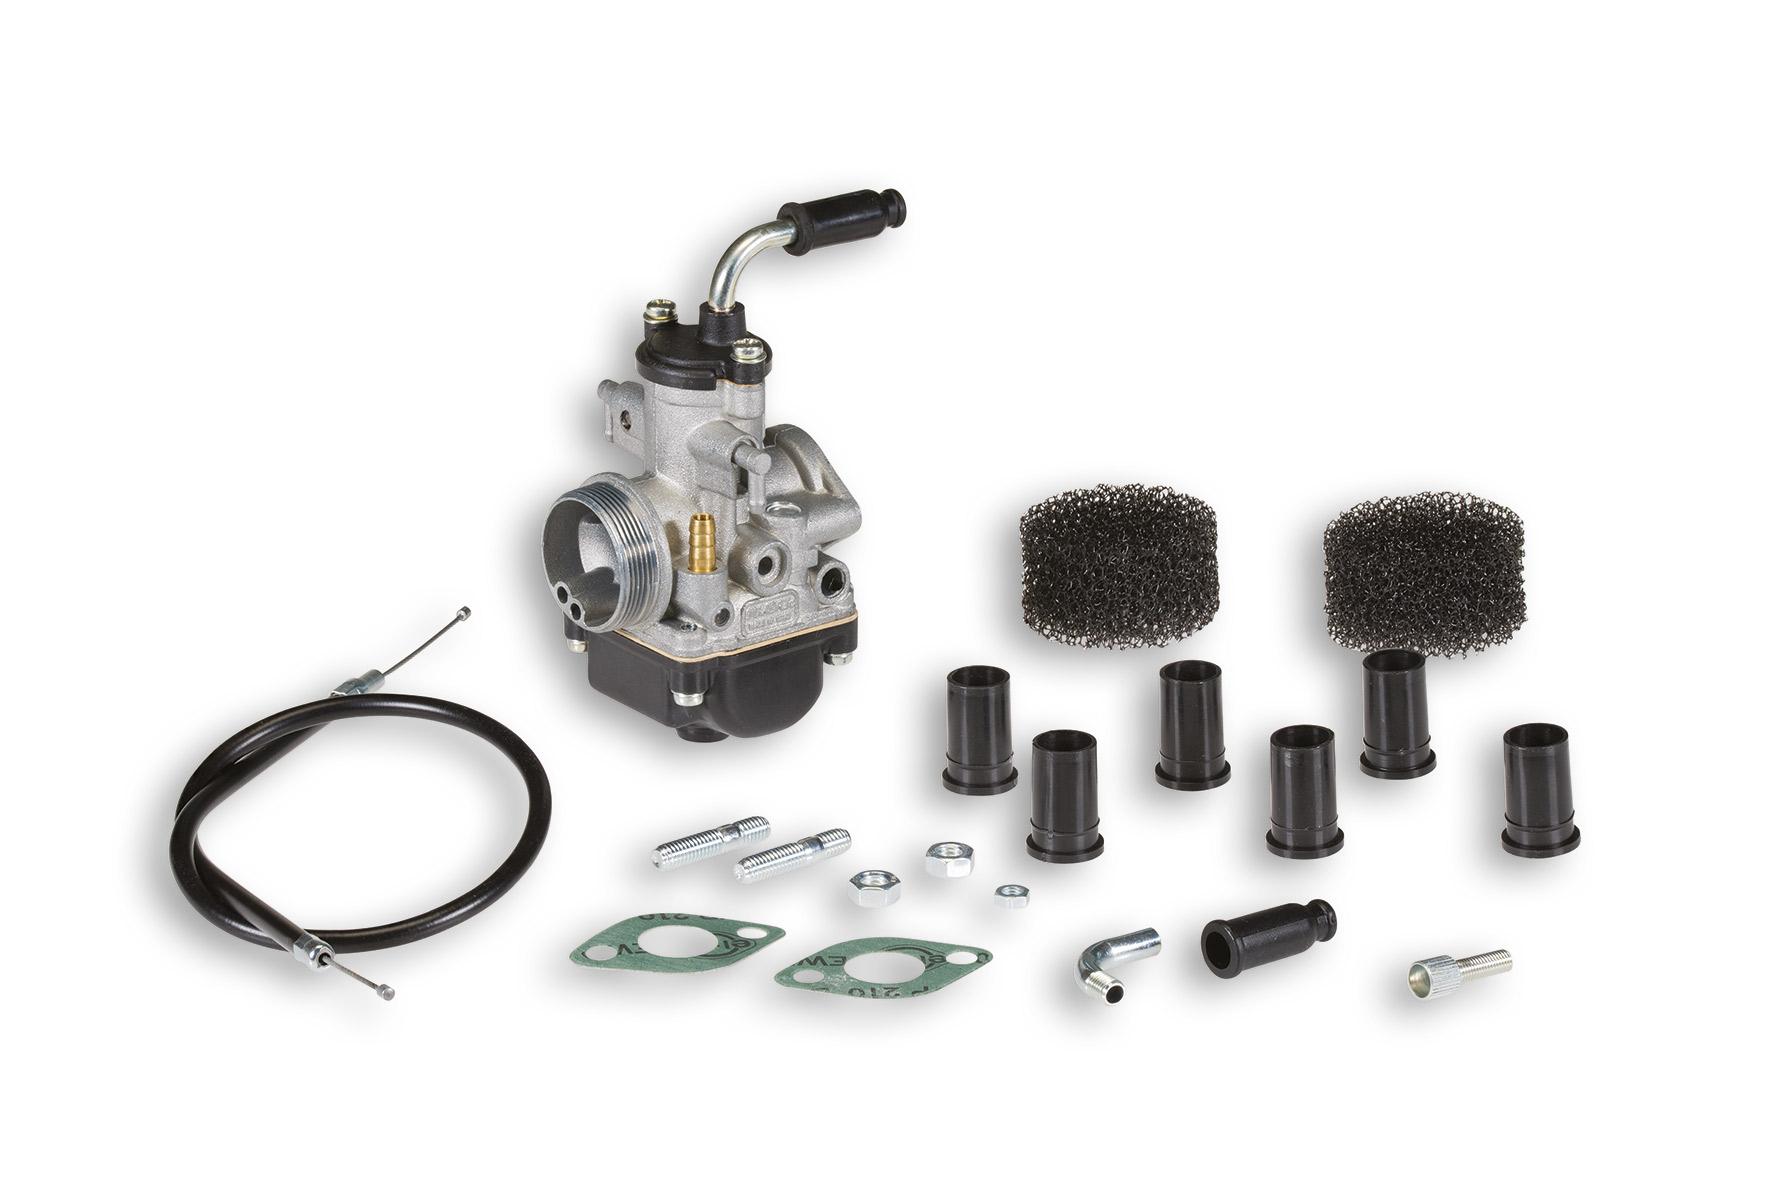 Impianto alimentazione PHBG 18 B per Honda PX 50 cc